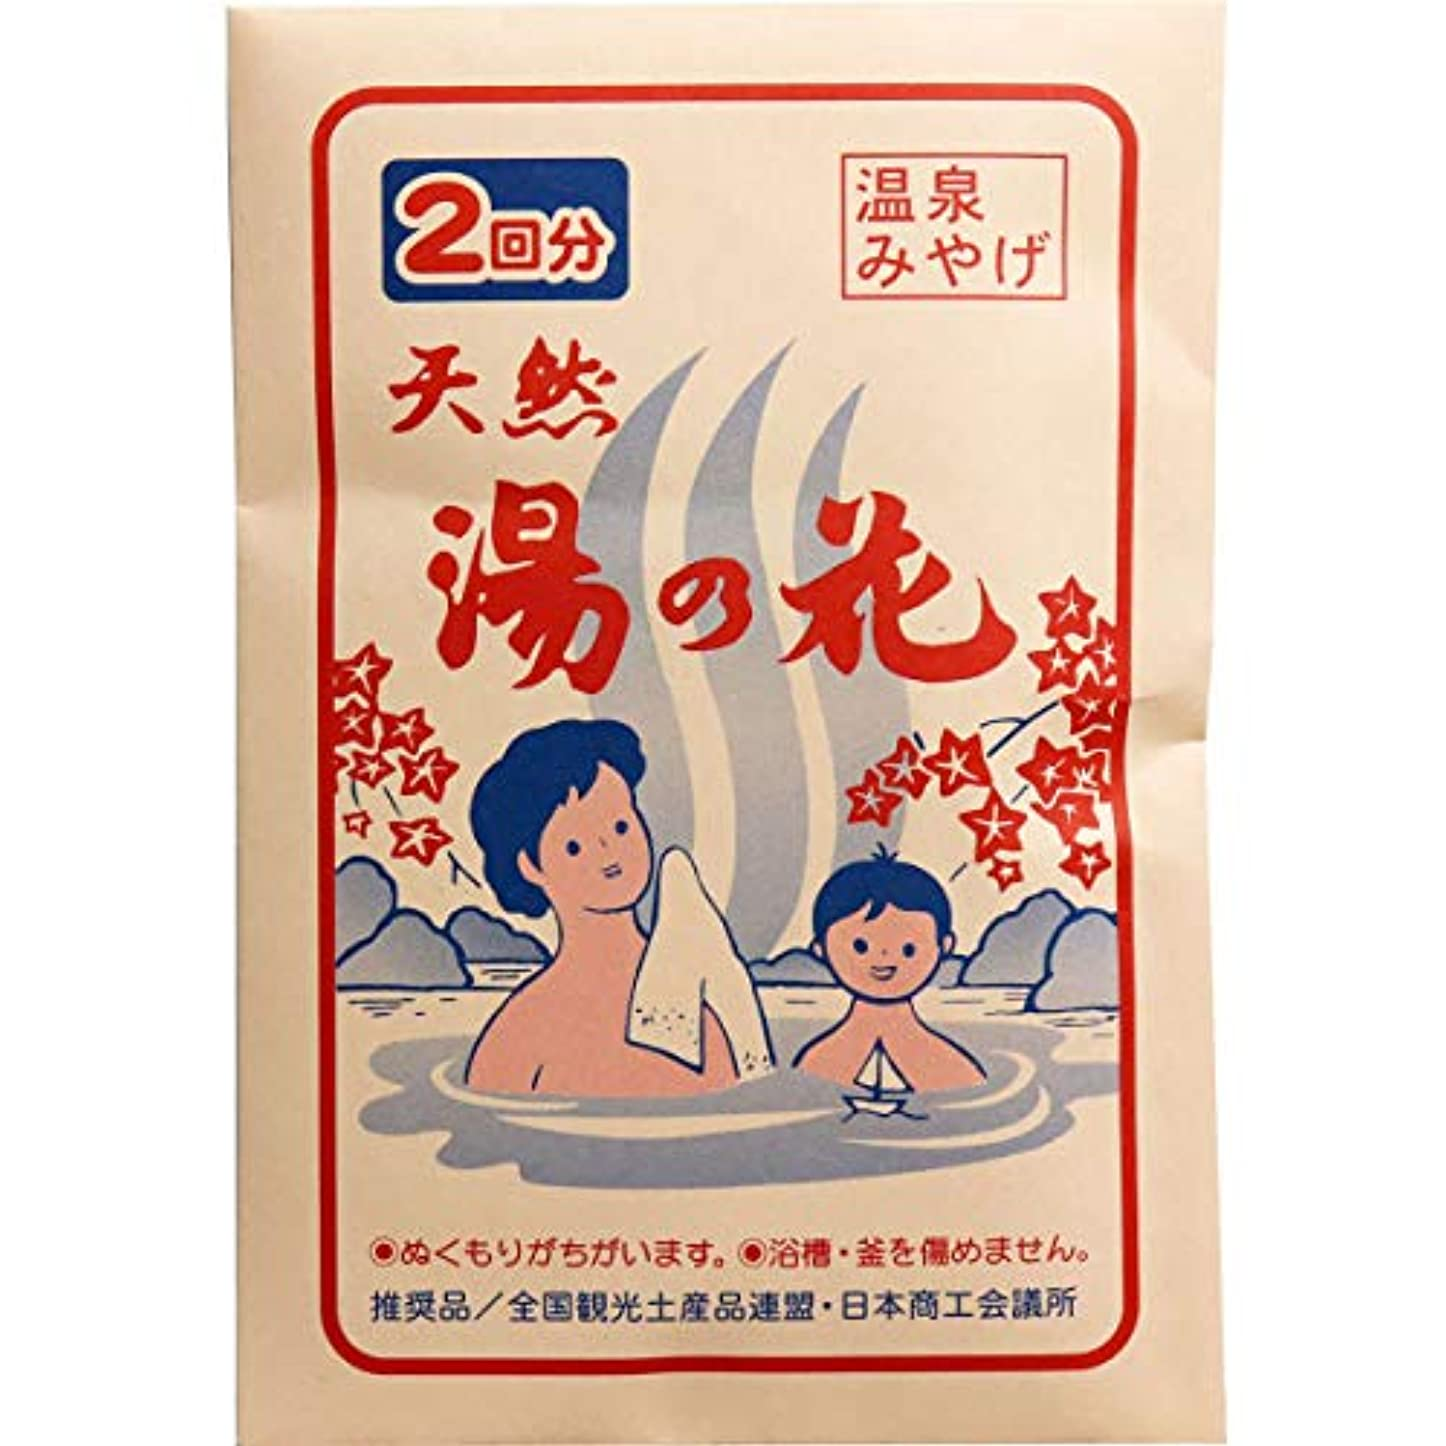 バレーボールスクラッチお手入れ天然湯の花 小袋分包2回分 KA-2 15g×2包入